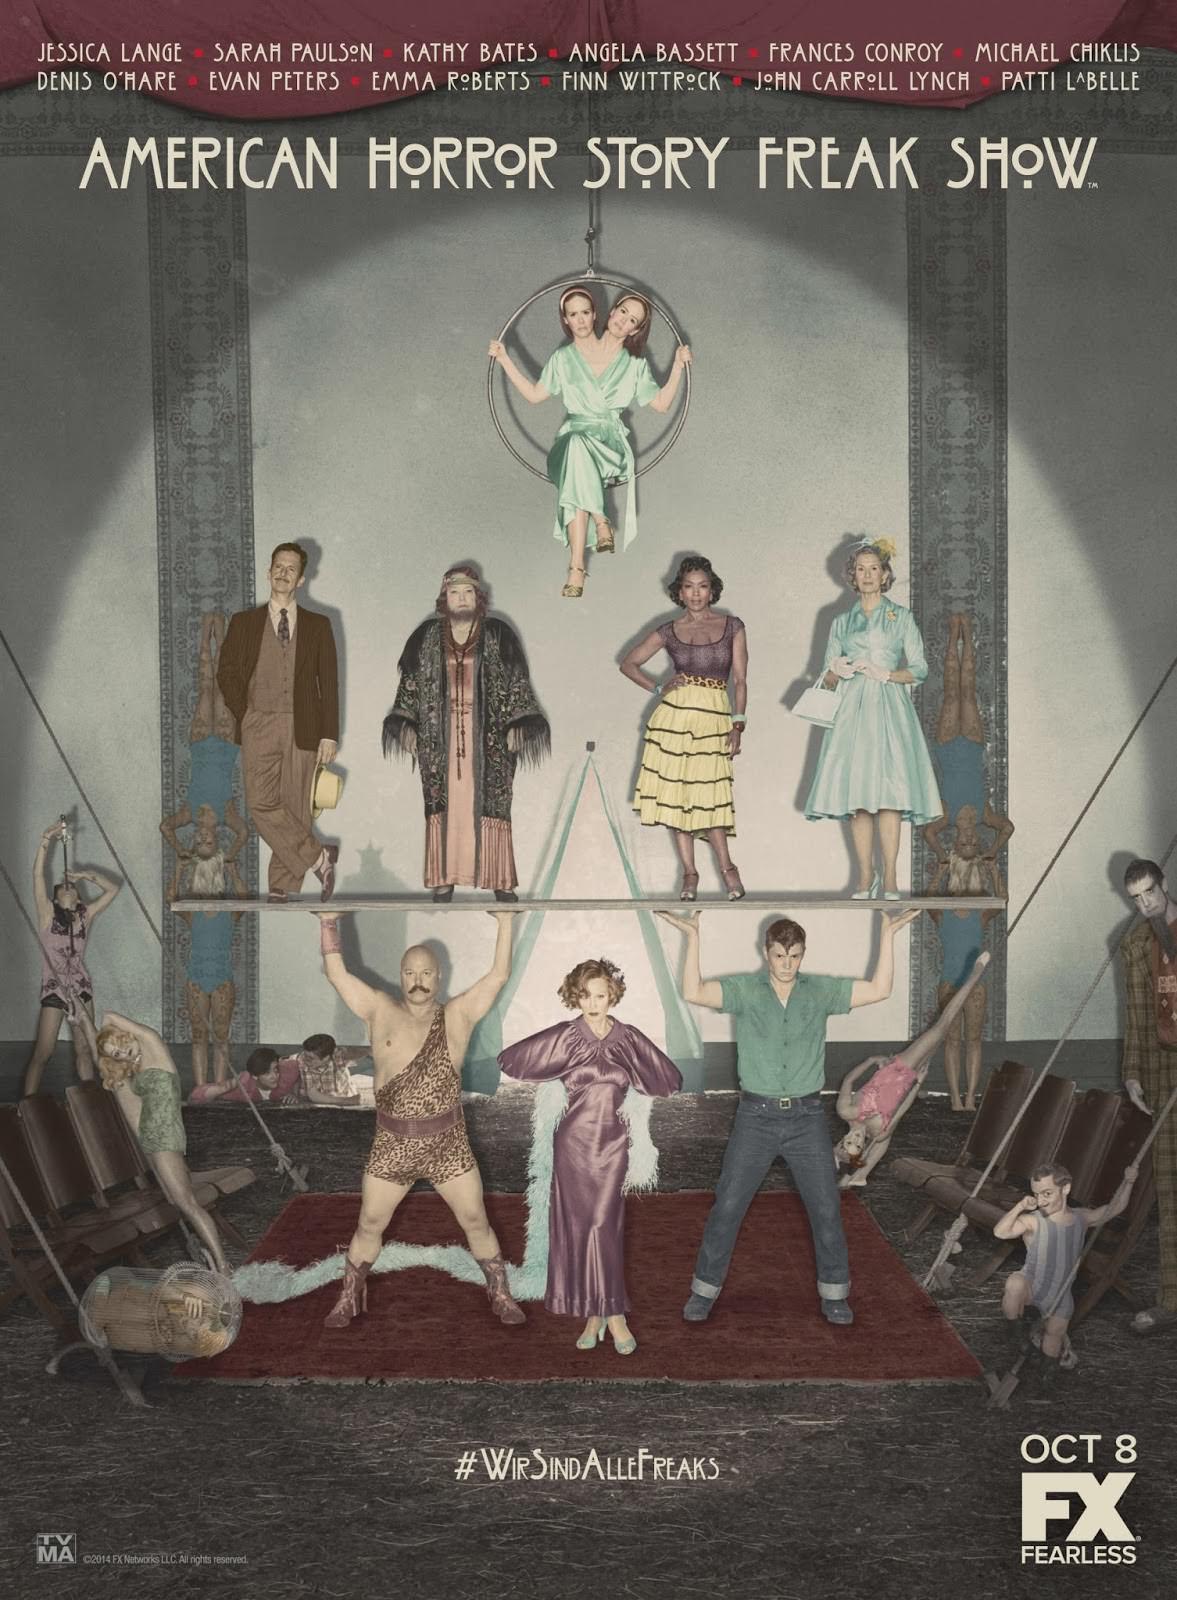 Novedades en American Horror Story: Freakshow - Primer póster promocional de todos los actores